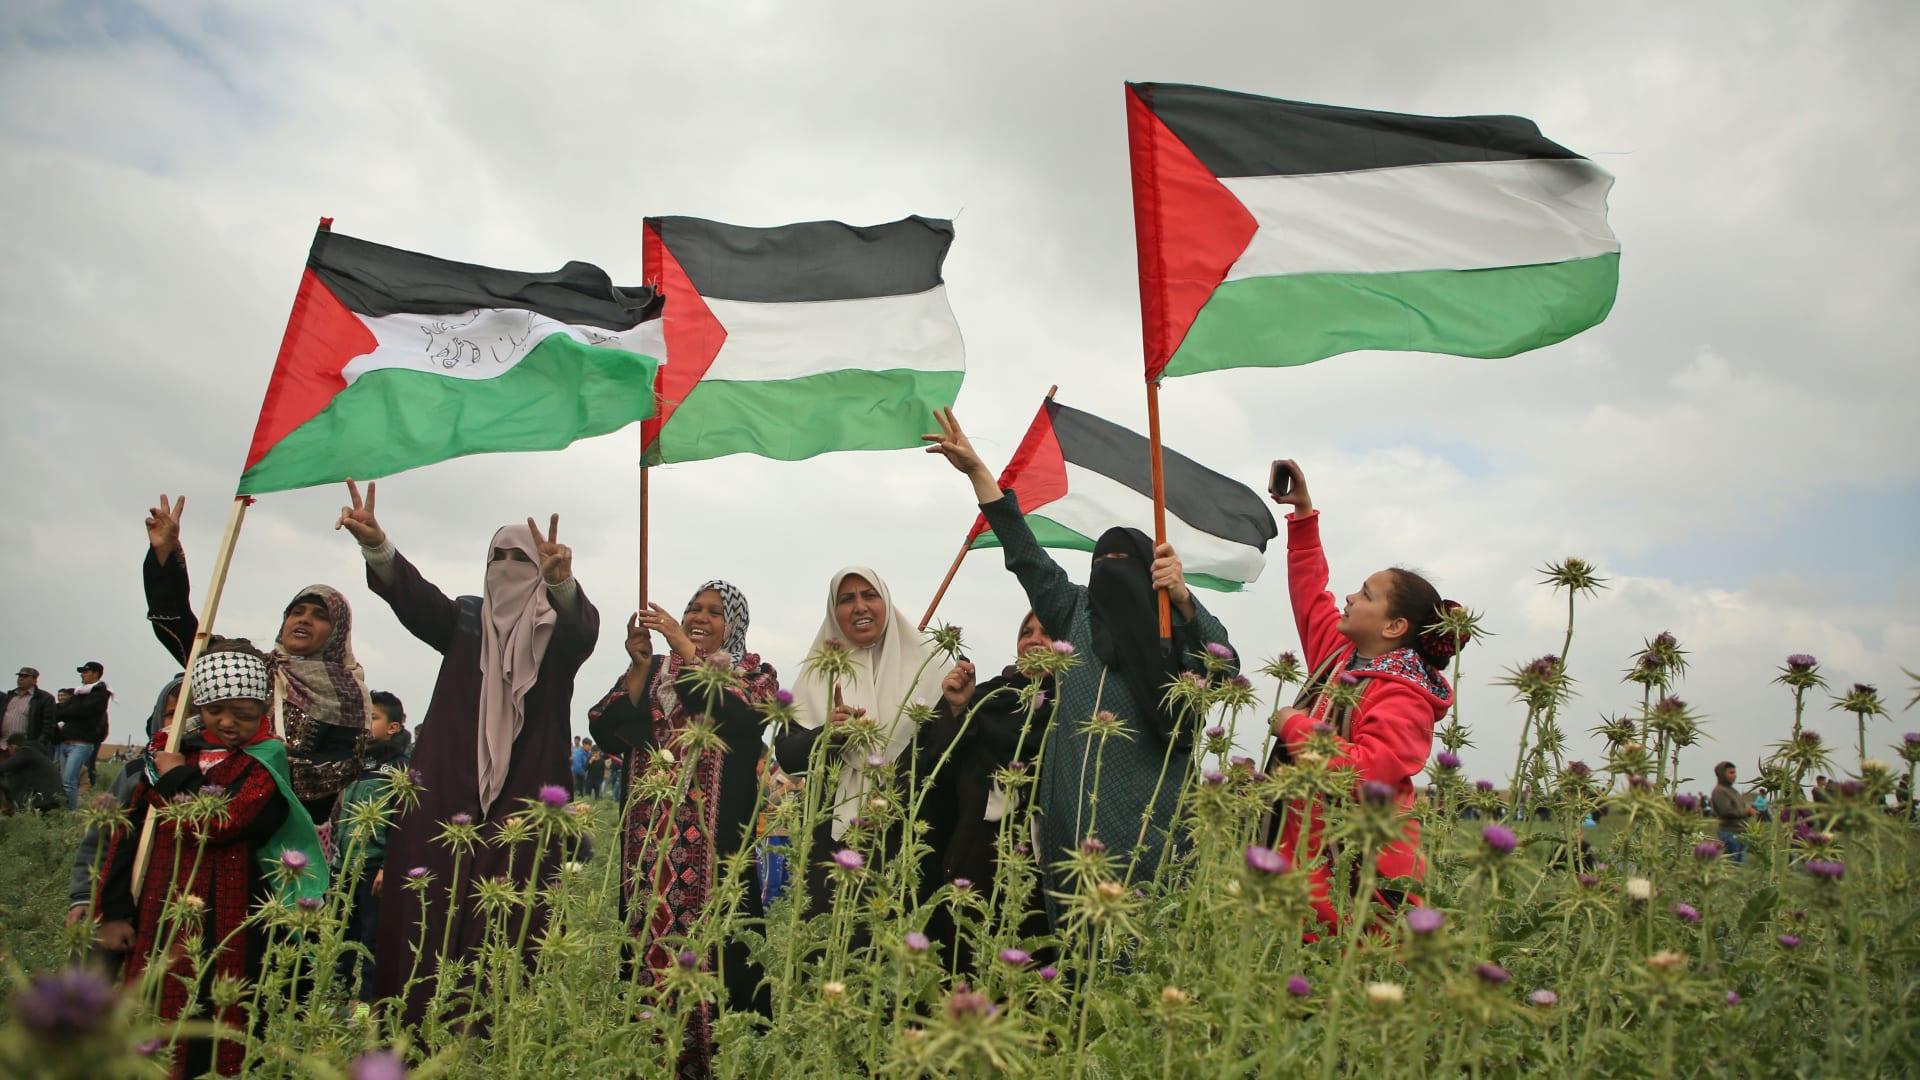 """8 قتلى وأكثر من ألف مصاب بين الفلسطينيين في جمعة """"الكوشوك"""""""